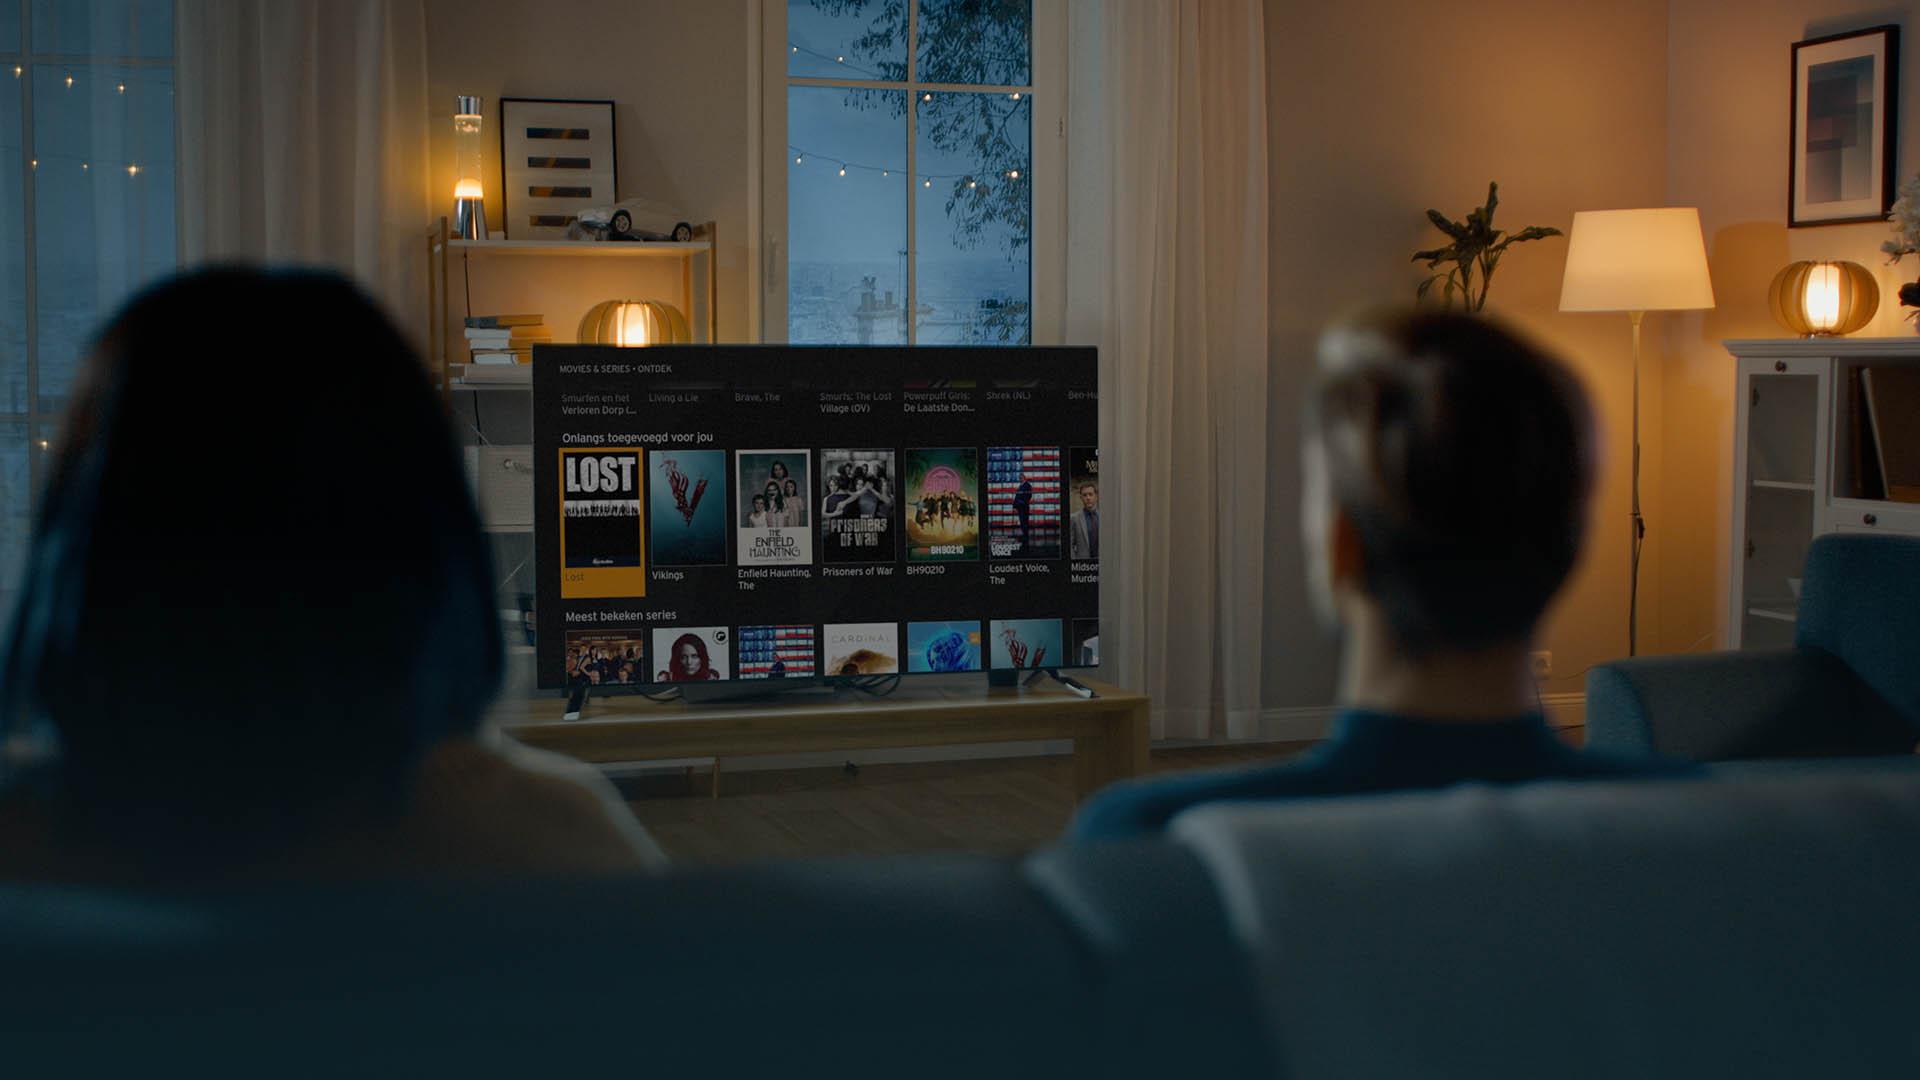 Vergelijk internet, tv en bellen